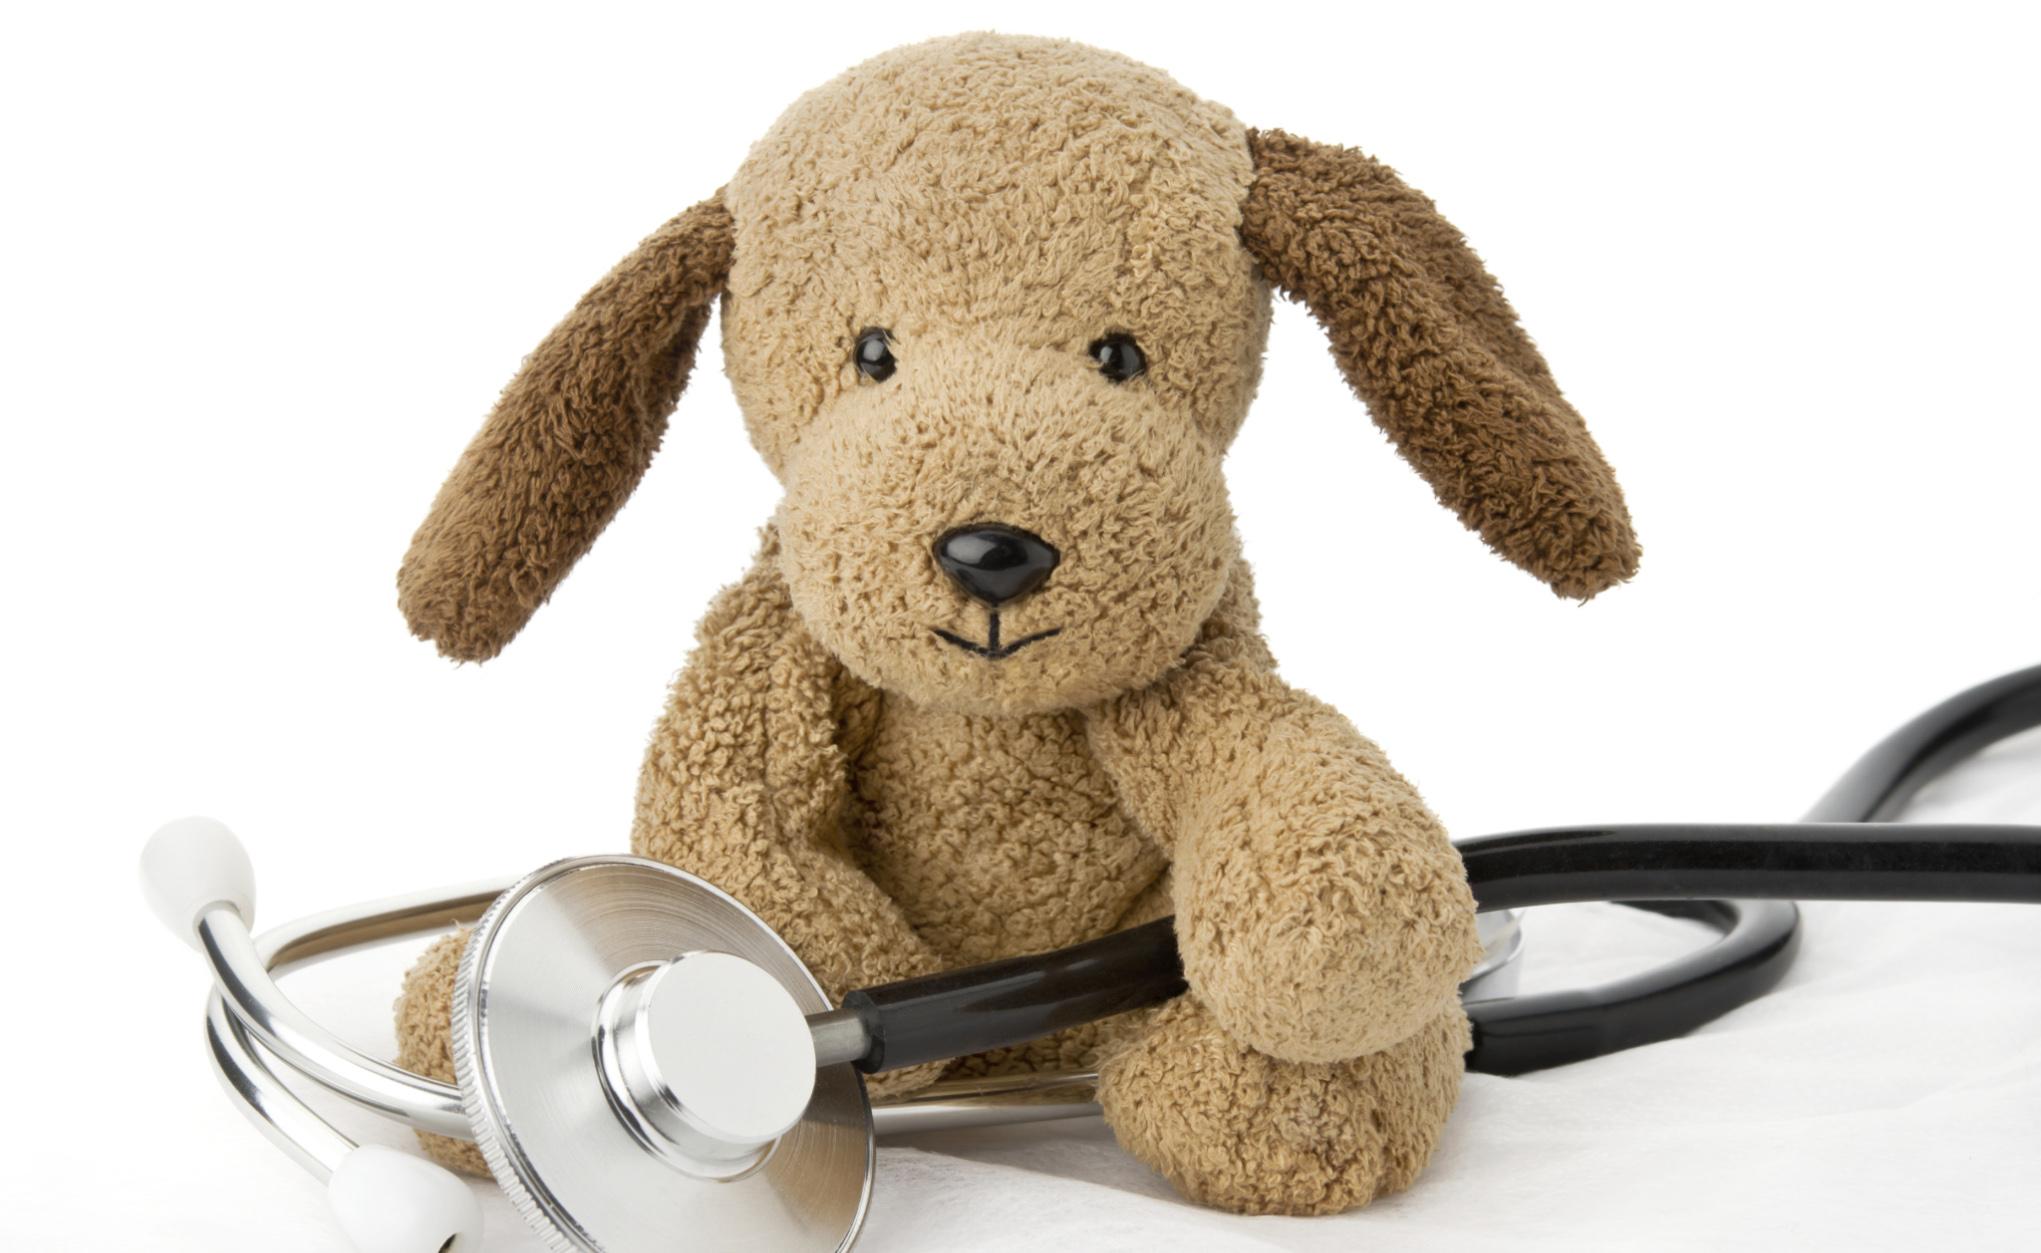 Protonterapia: un nuovo trattamento contro i tumori pediatrici